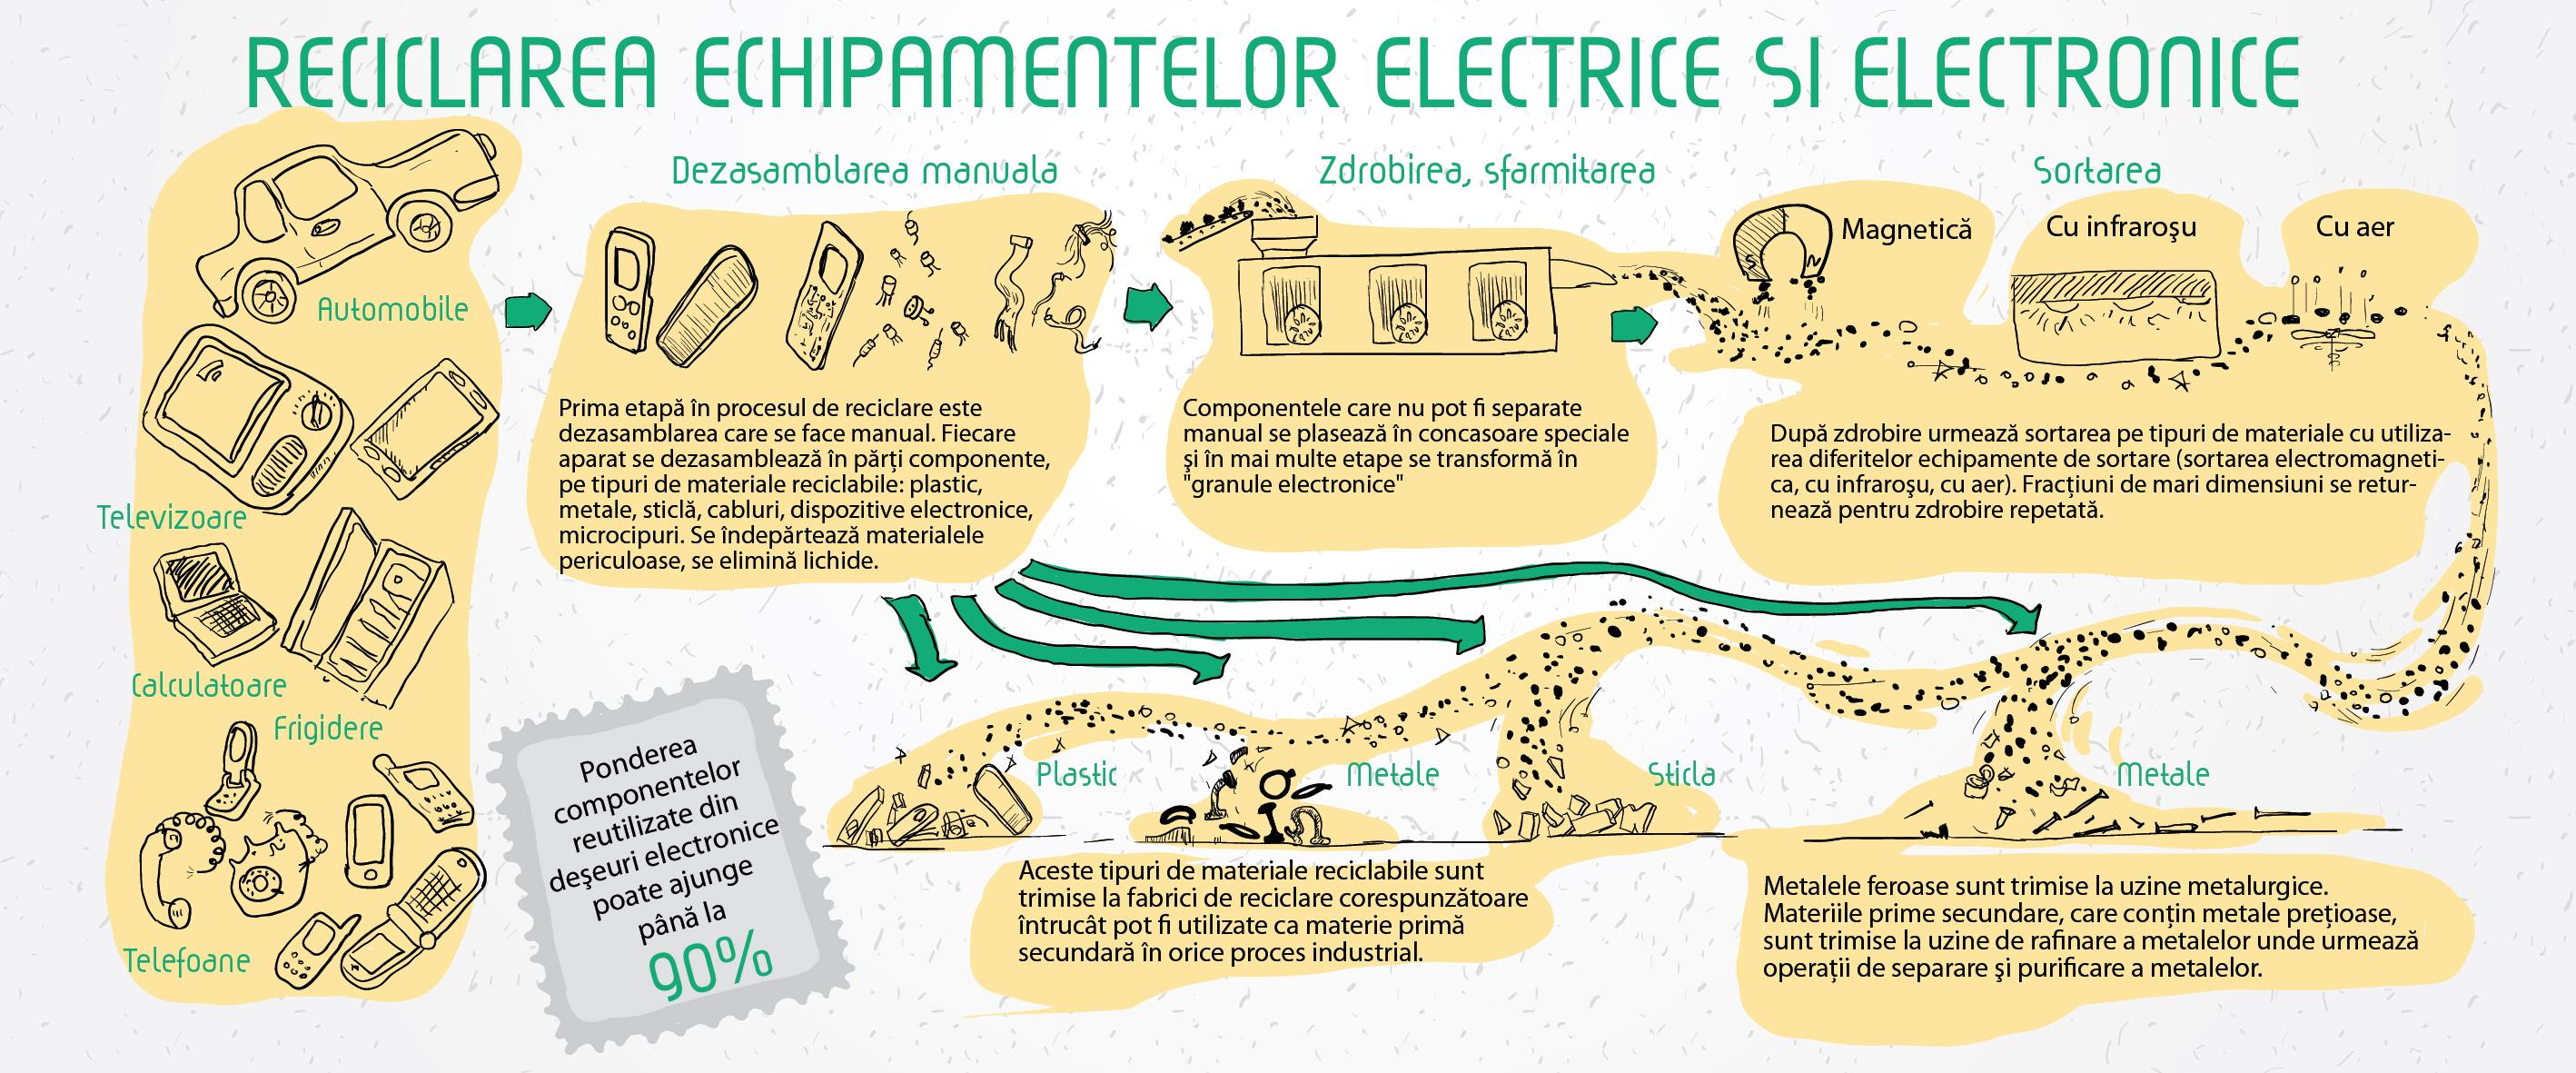 ECHIPAMENTE ELECTRICE_100x150-03